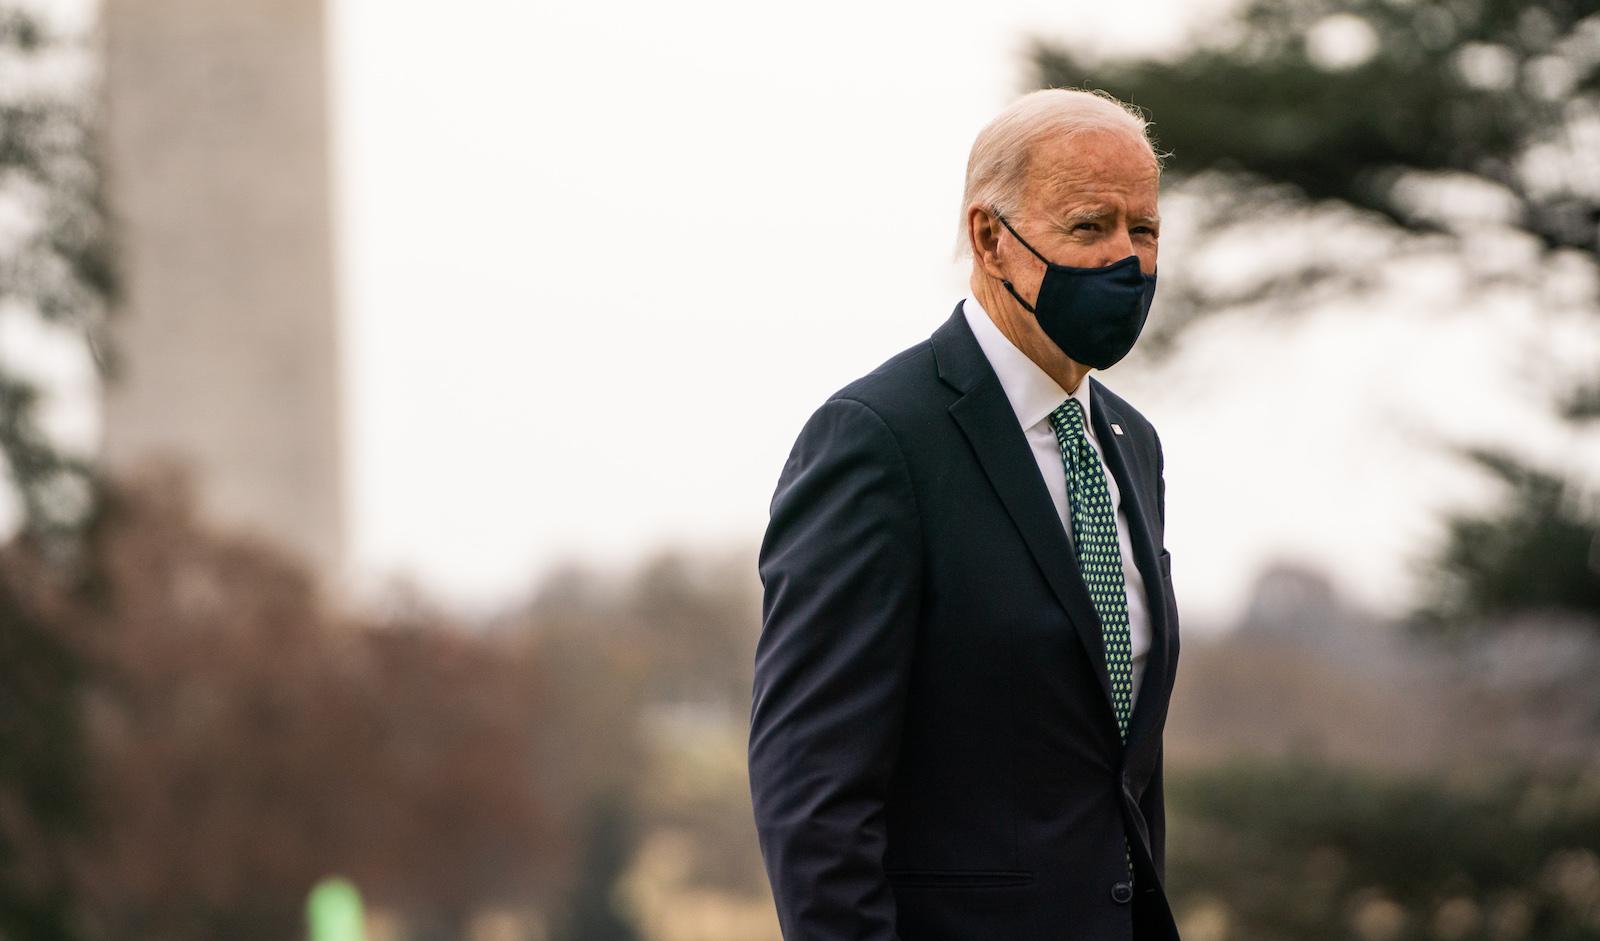 Joe Biden outside the White House